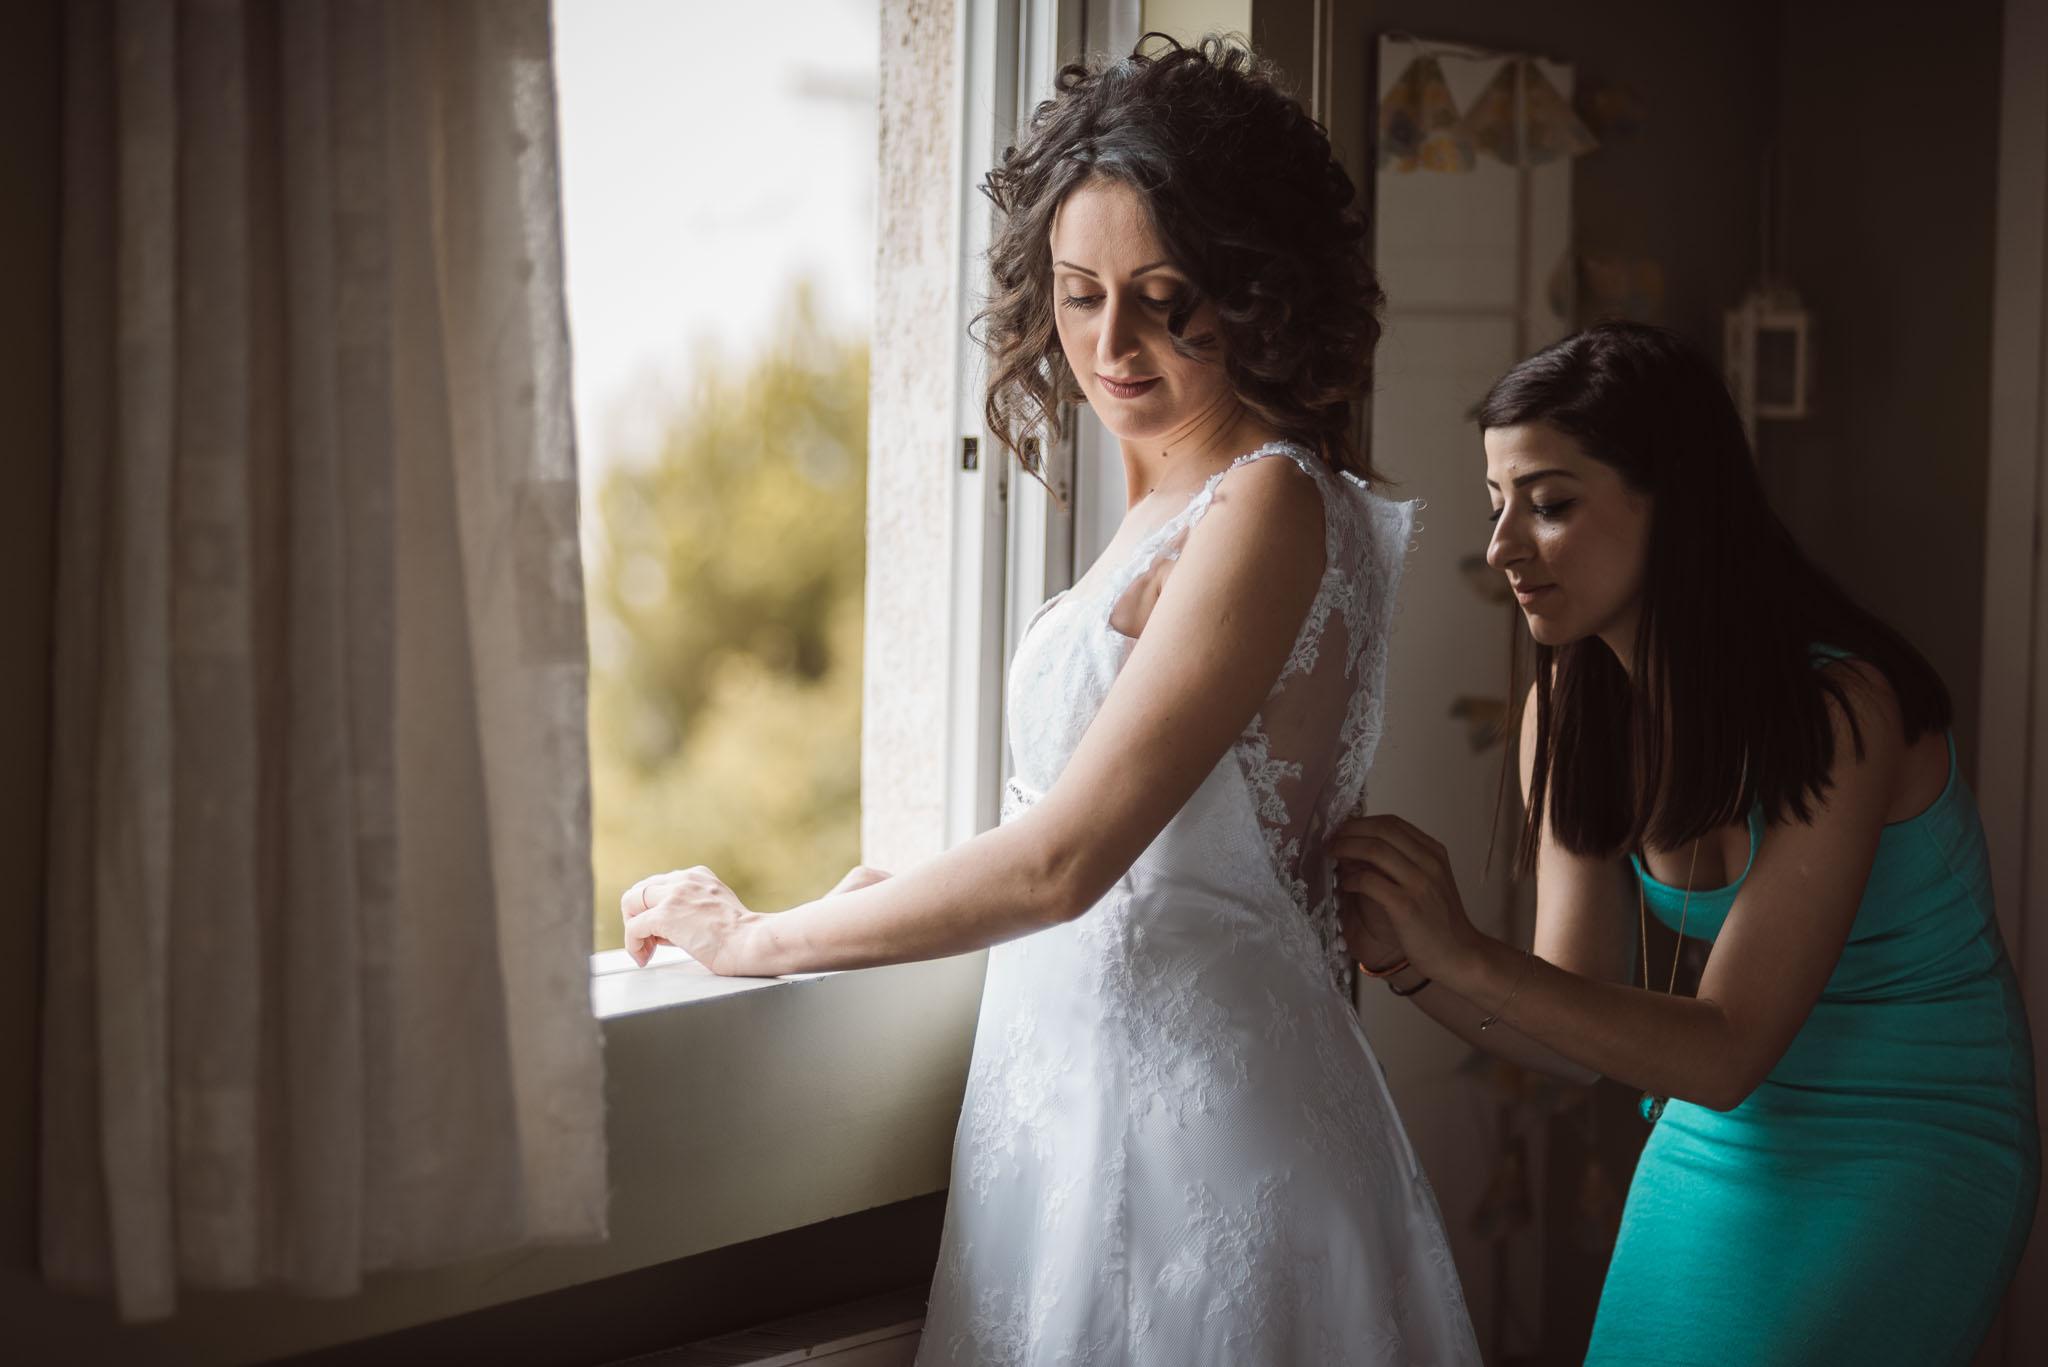 δωμάτιο προετοιμασία νύφης